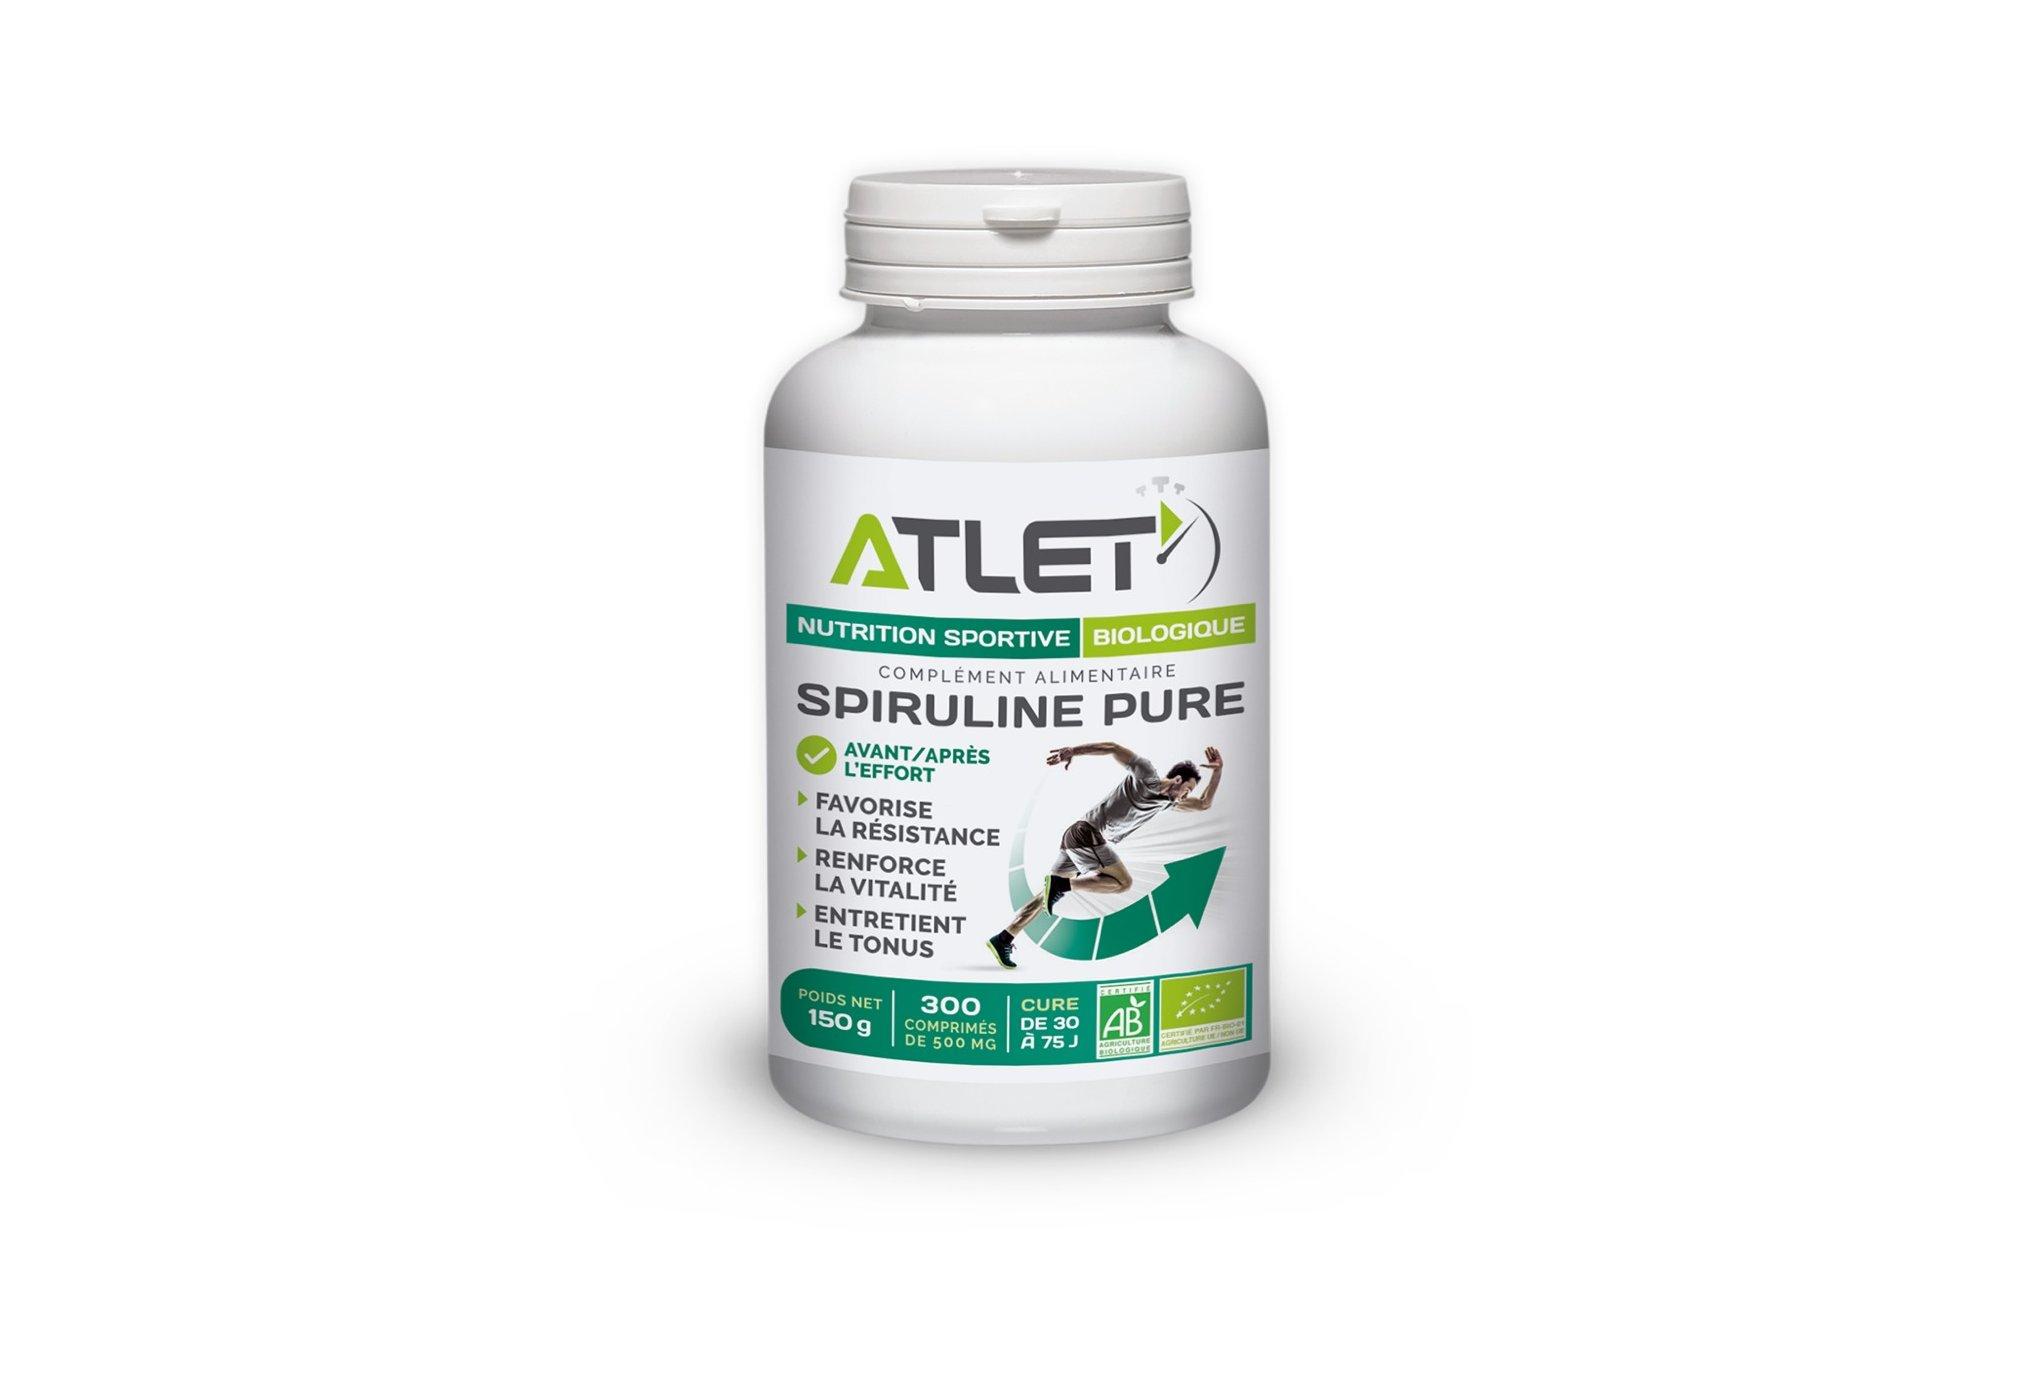 Atlet Spiruline Pure Diététique Compléments